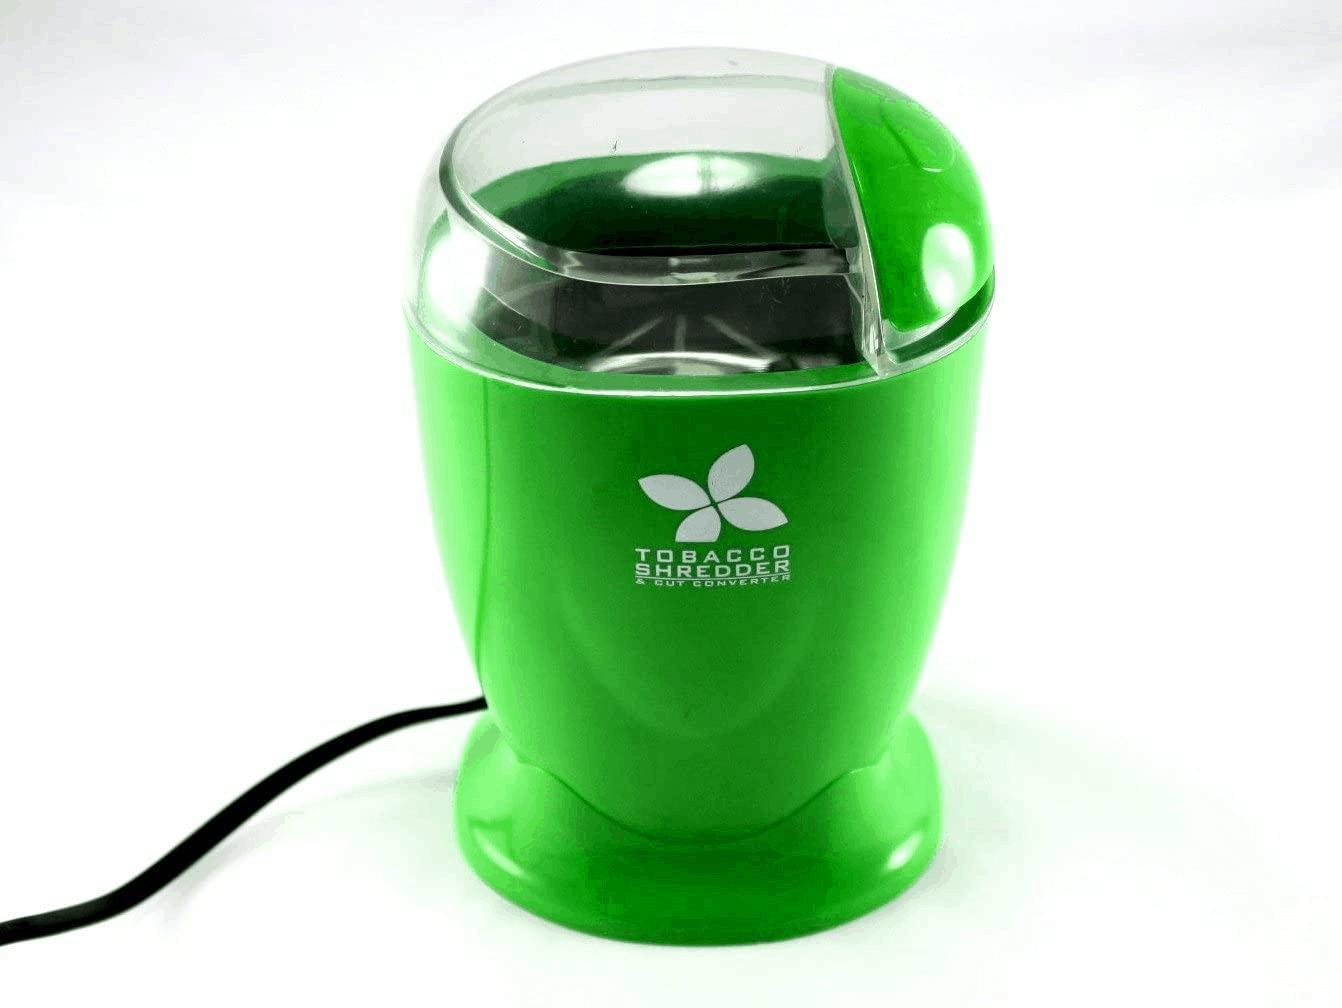 Electric Tobacco Shredder